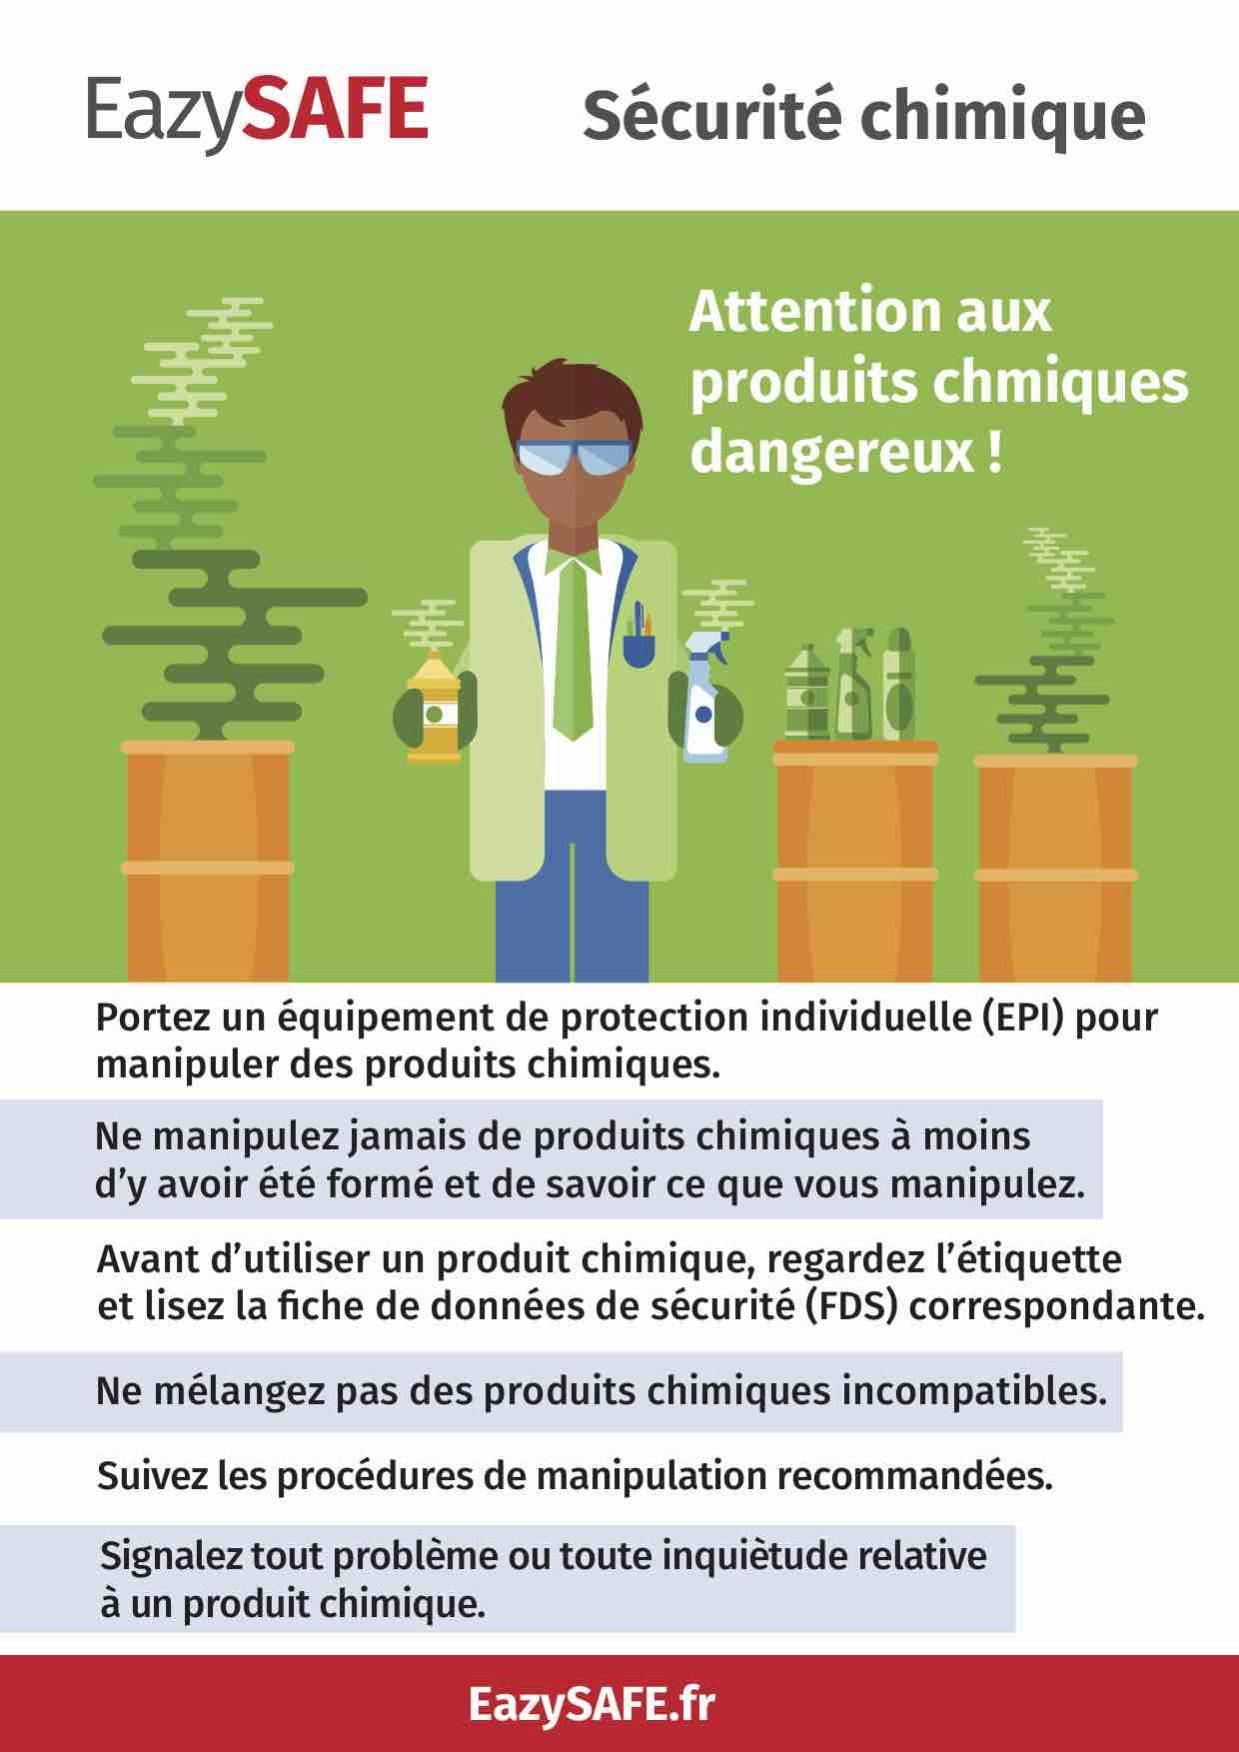 poster sécurité chimique